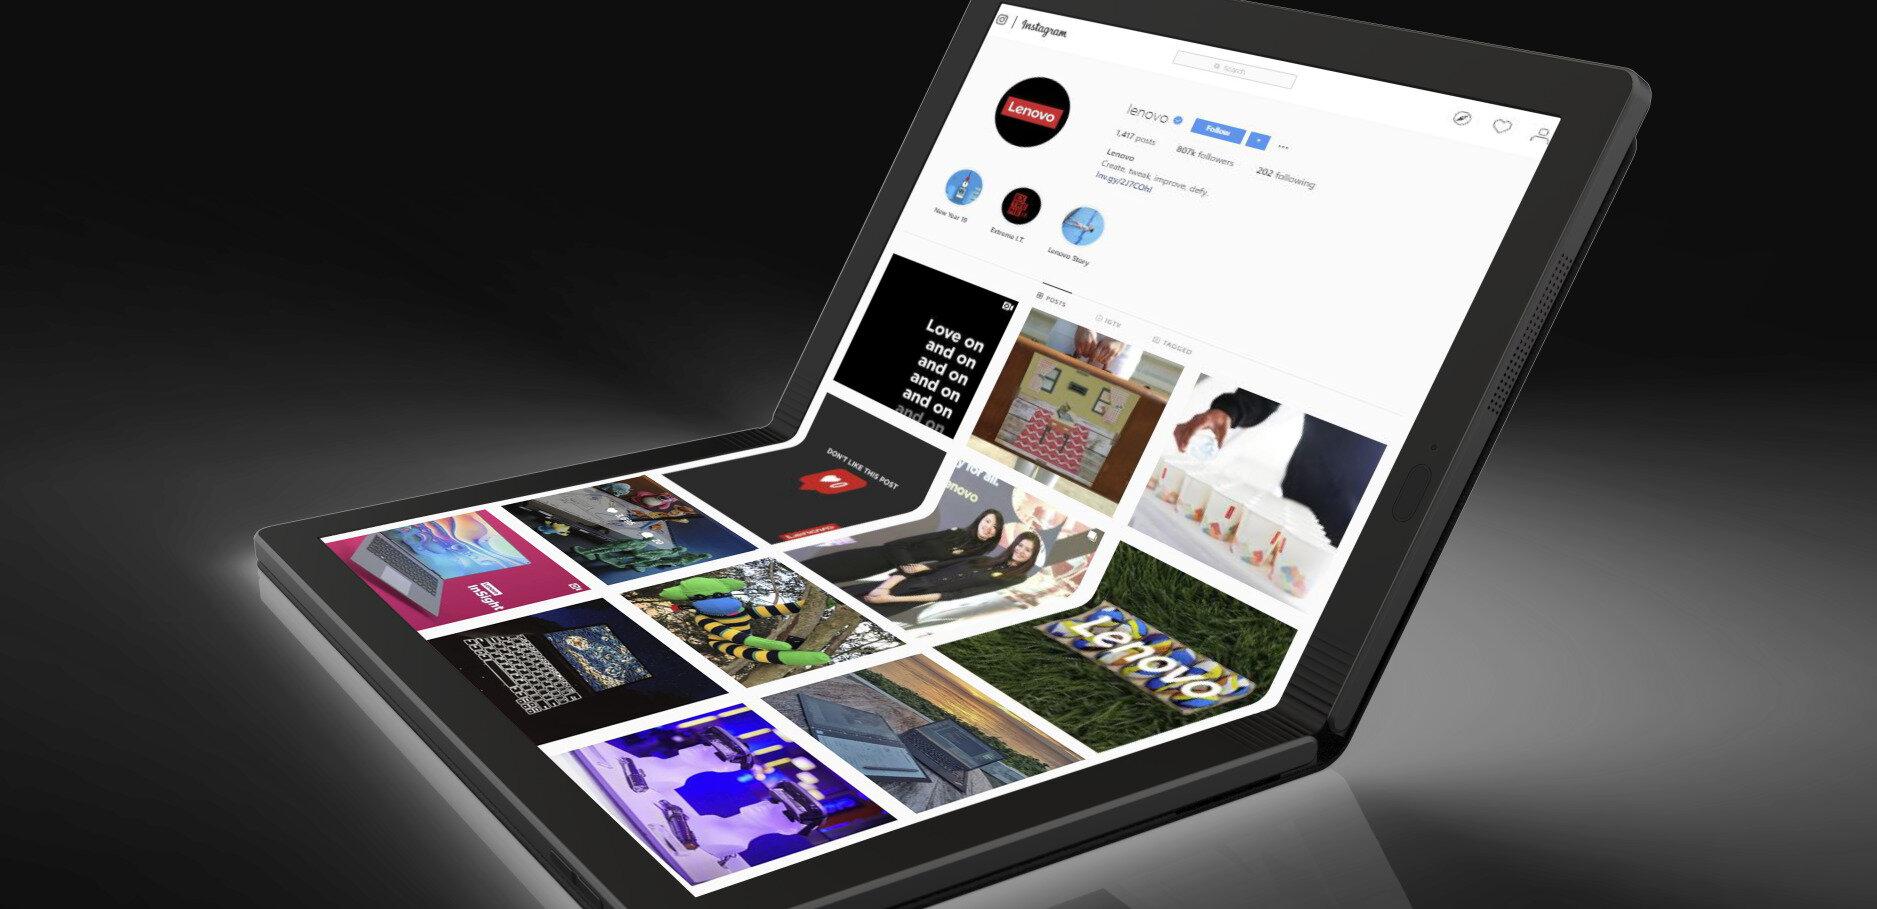 PC portable pliable en deux : Lenovo présente son prototype d'un nouveau ThinkPad X1